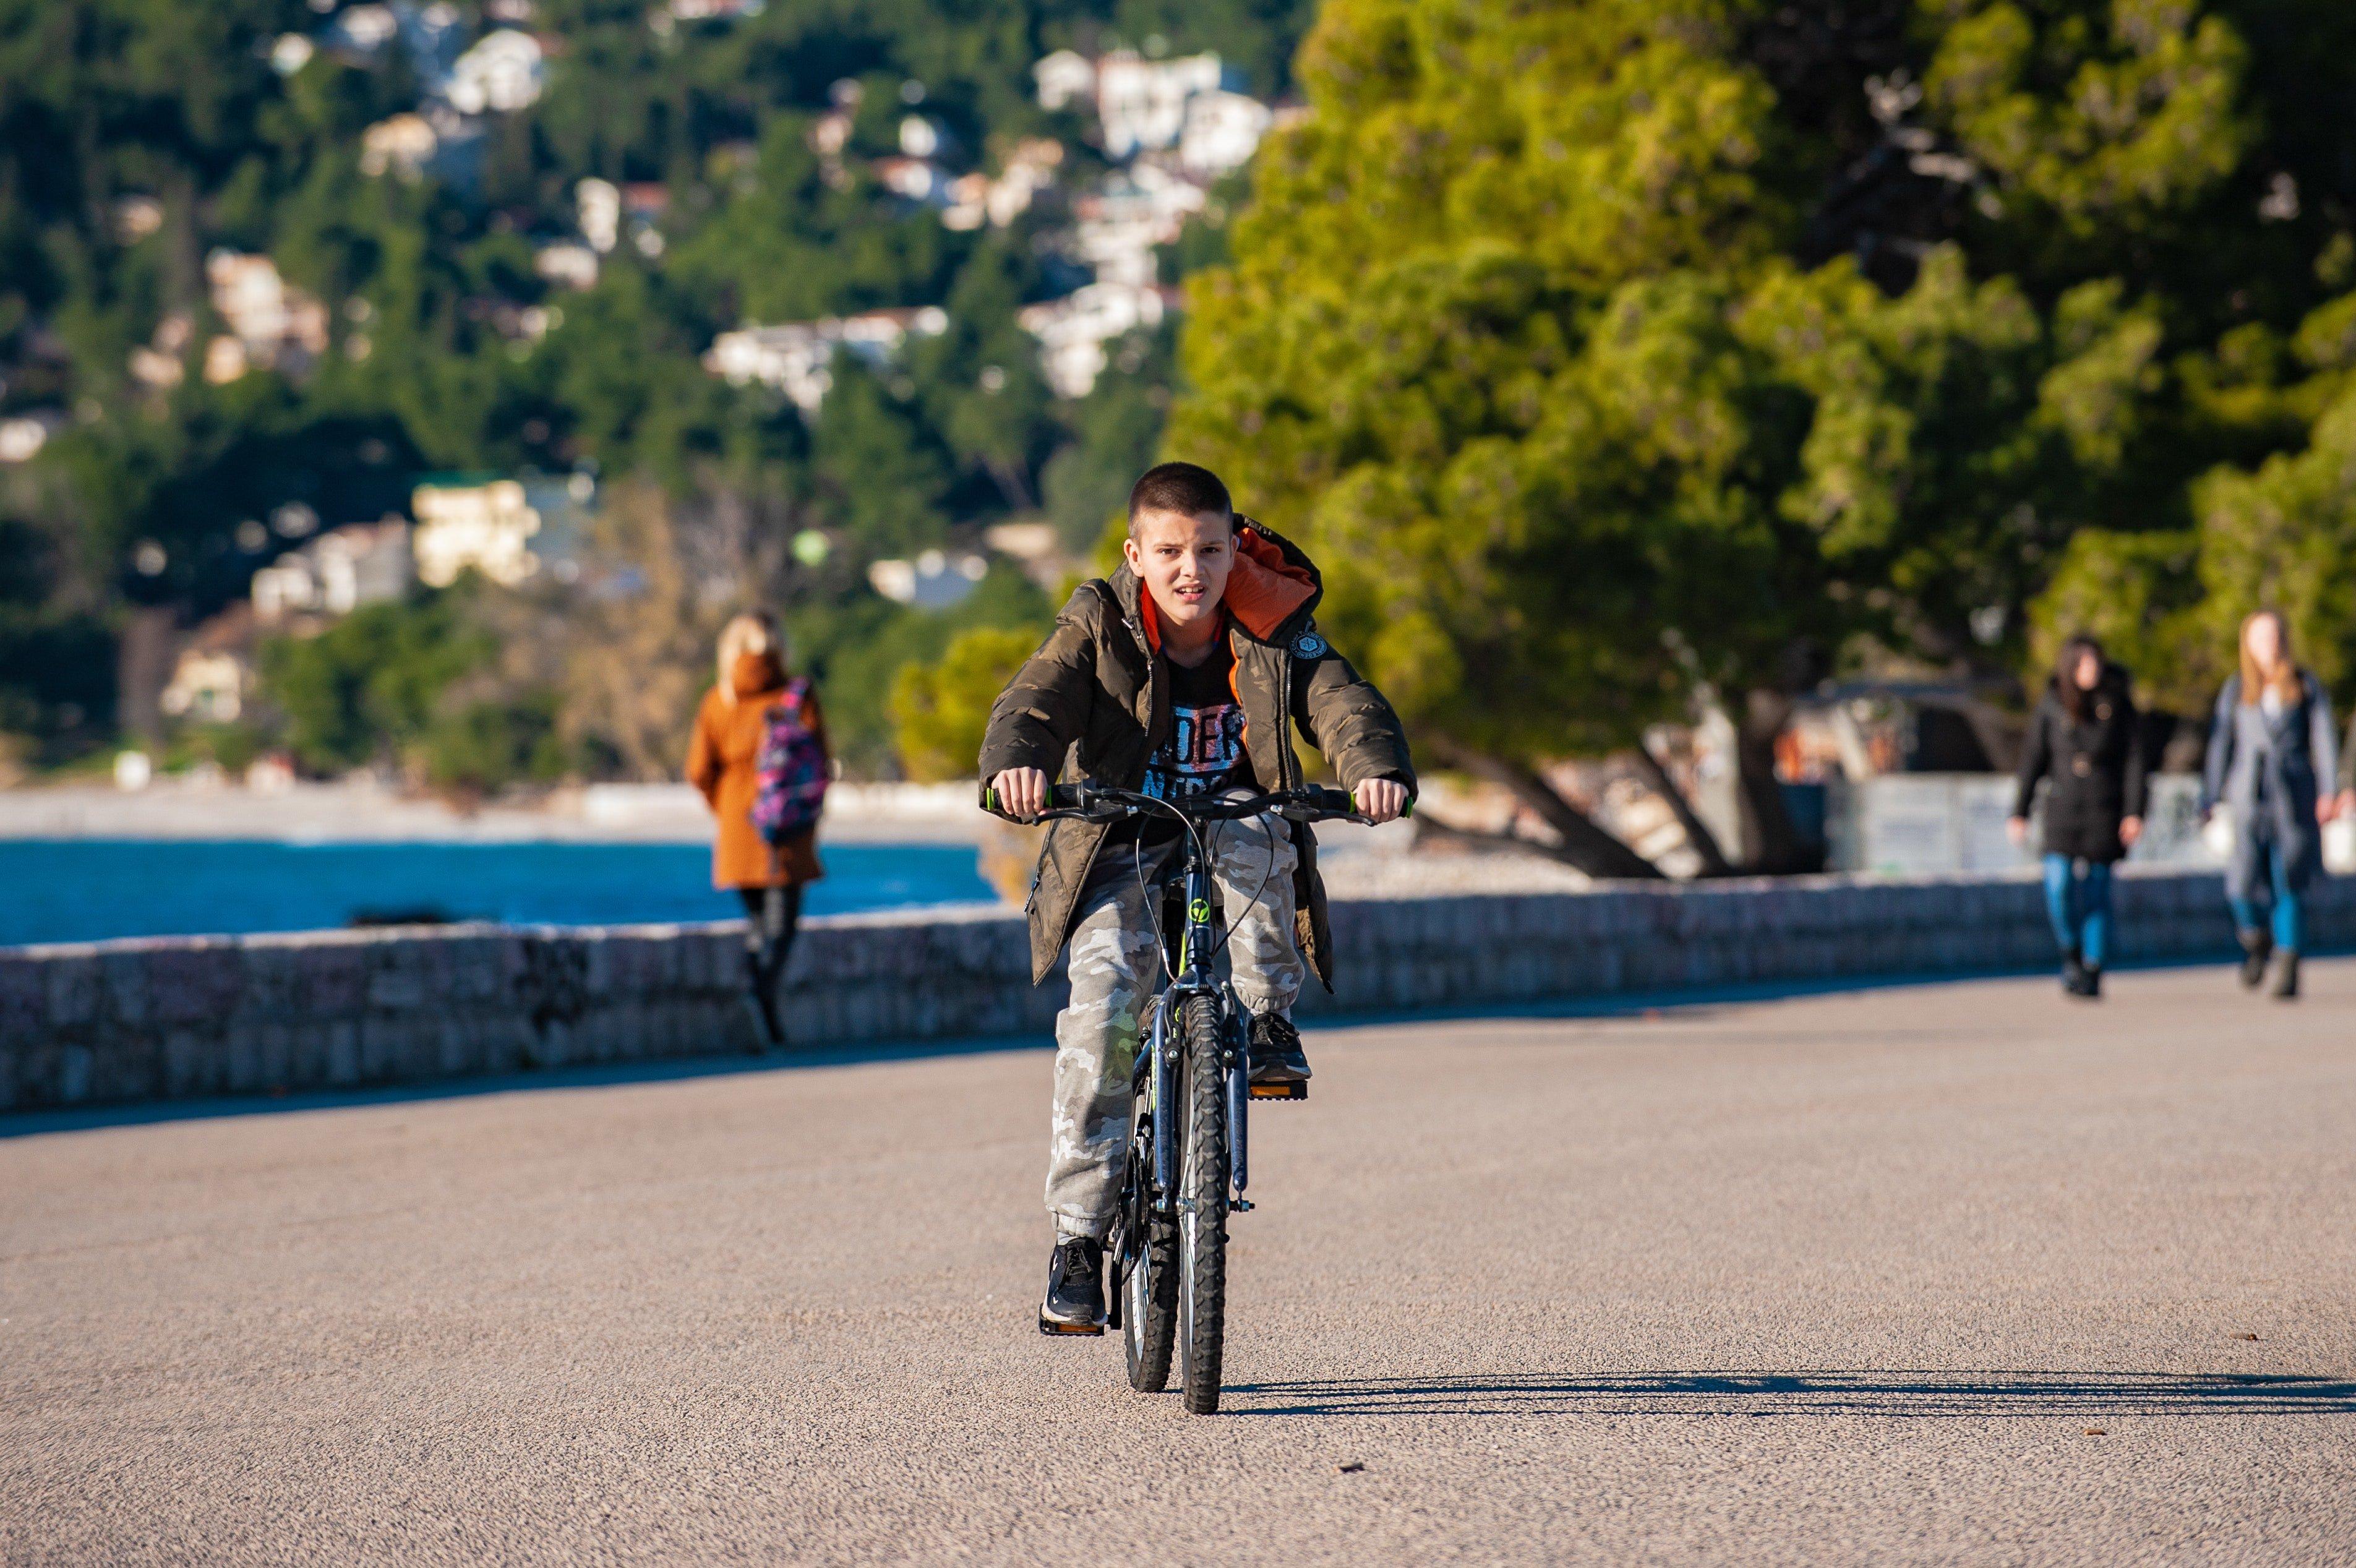 pexels alexander nadrilyanski 3651681 - Bisiklete Binmek Daha Etkili Nasıl Öğretilir ?